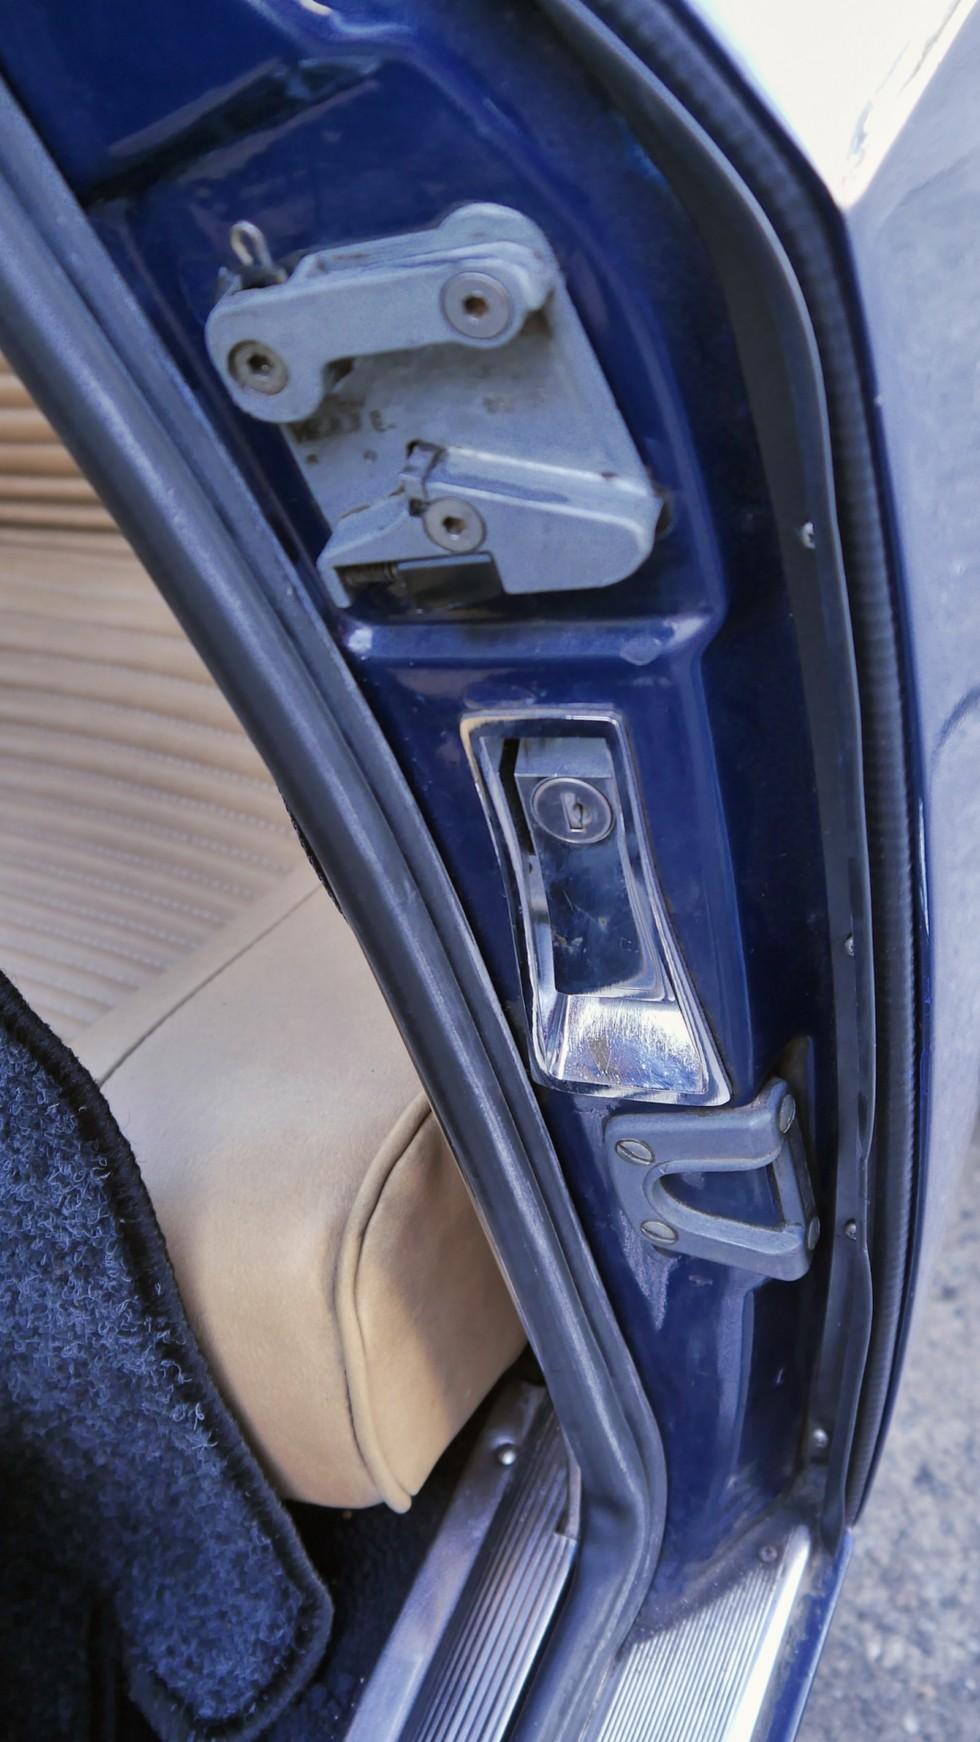 Рычаг открывания багажника спрятан в дверном проеме - как у наших Запорожцев P1060622